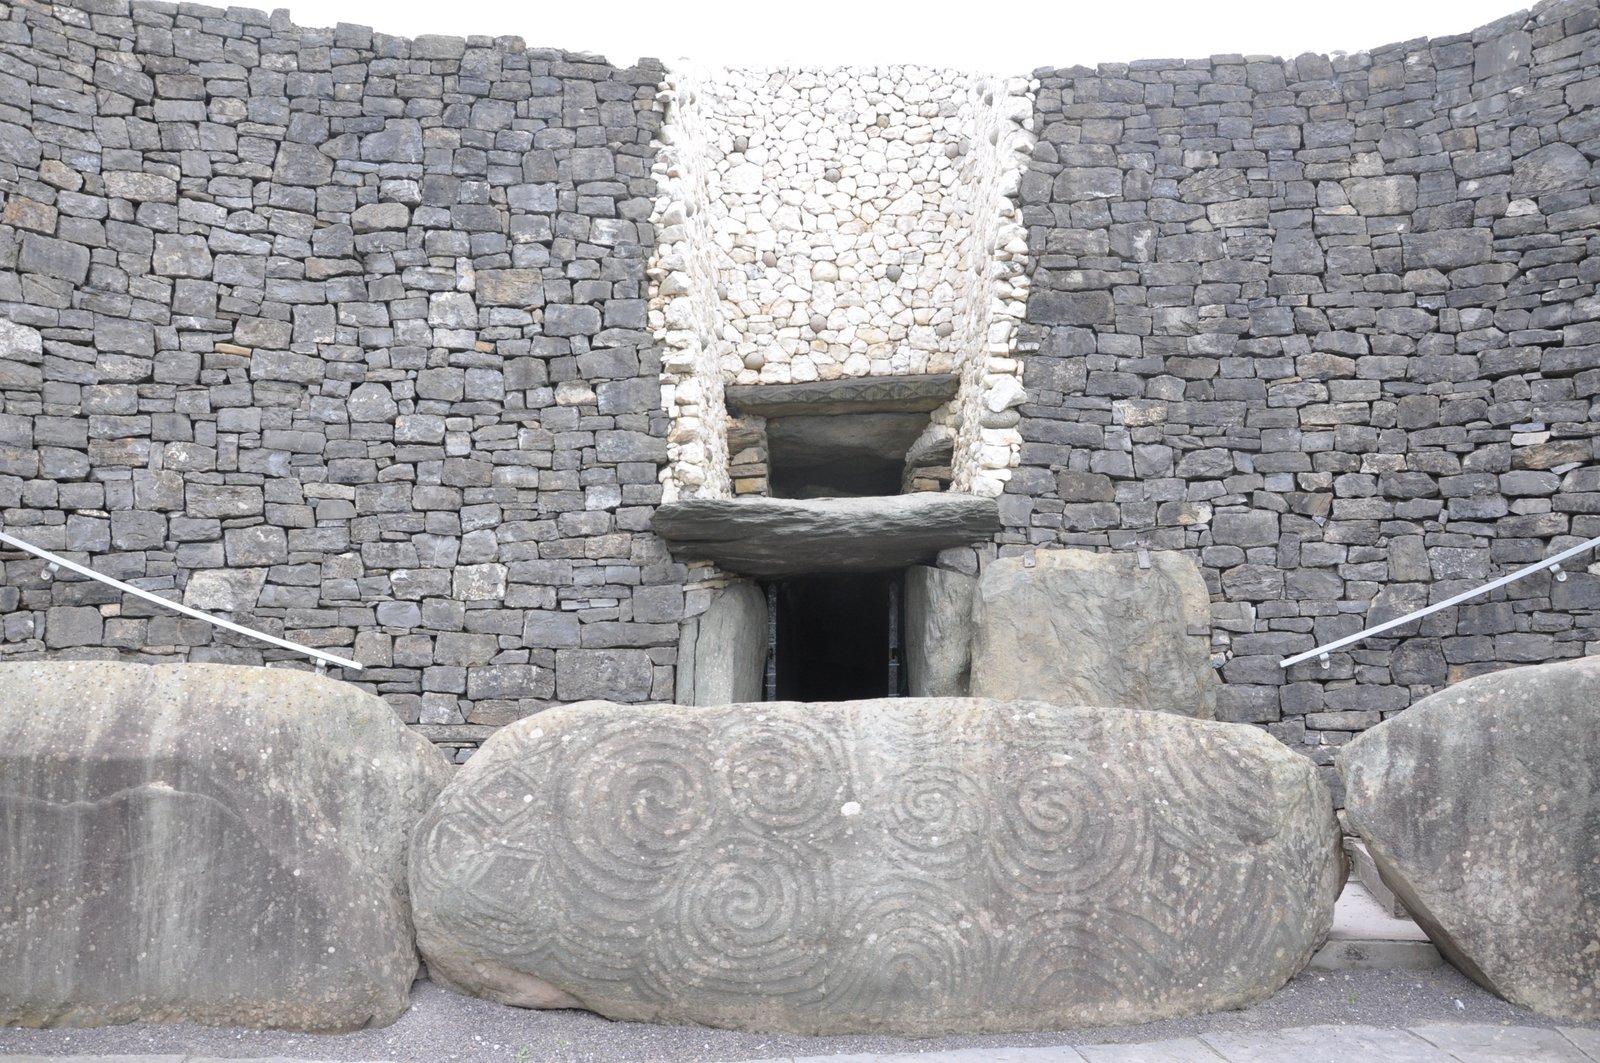 Pierre sculptée devant le Tumulus de Newgrange